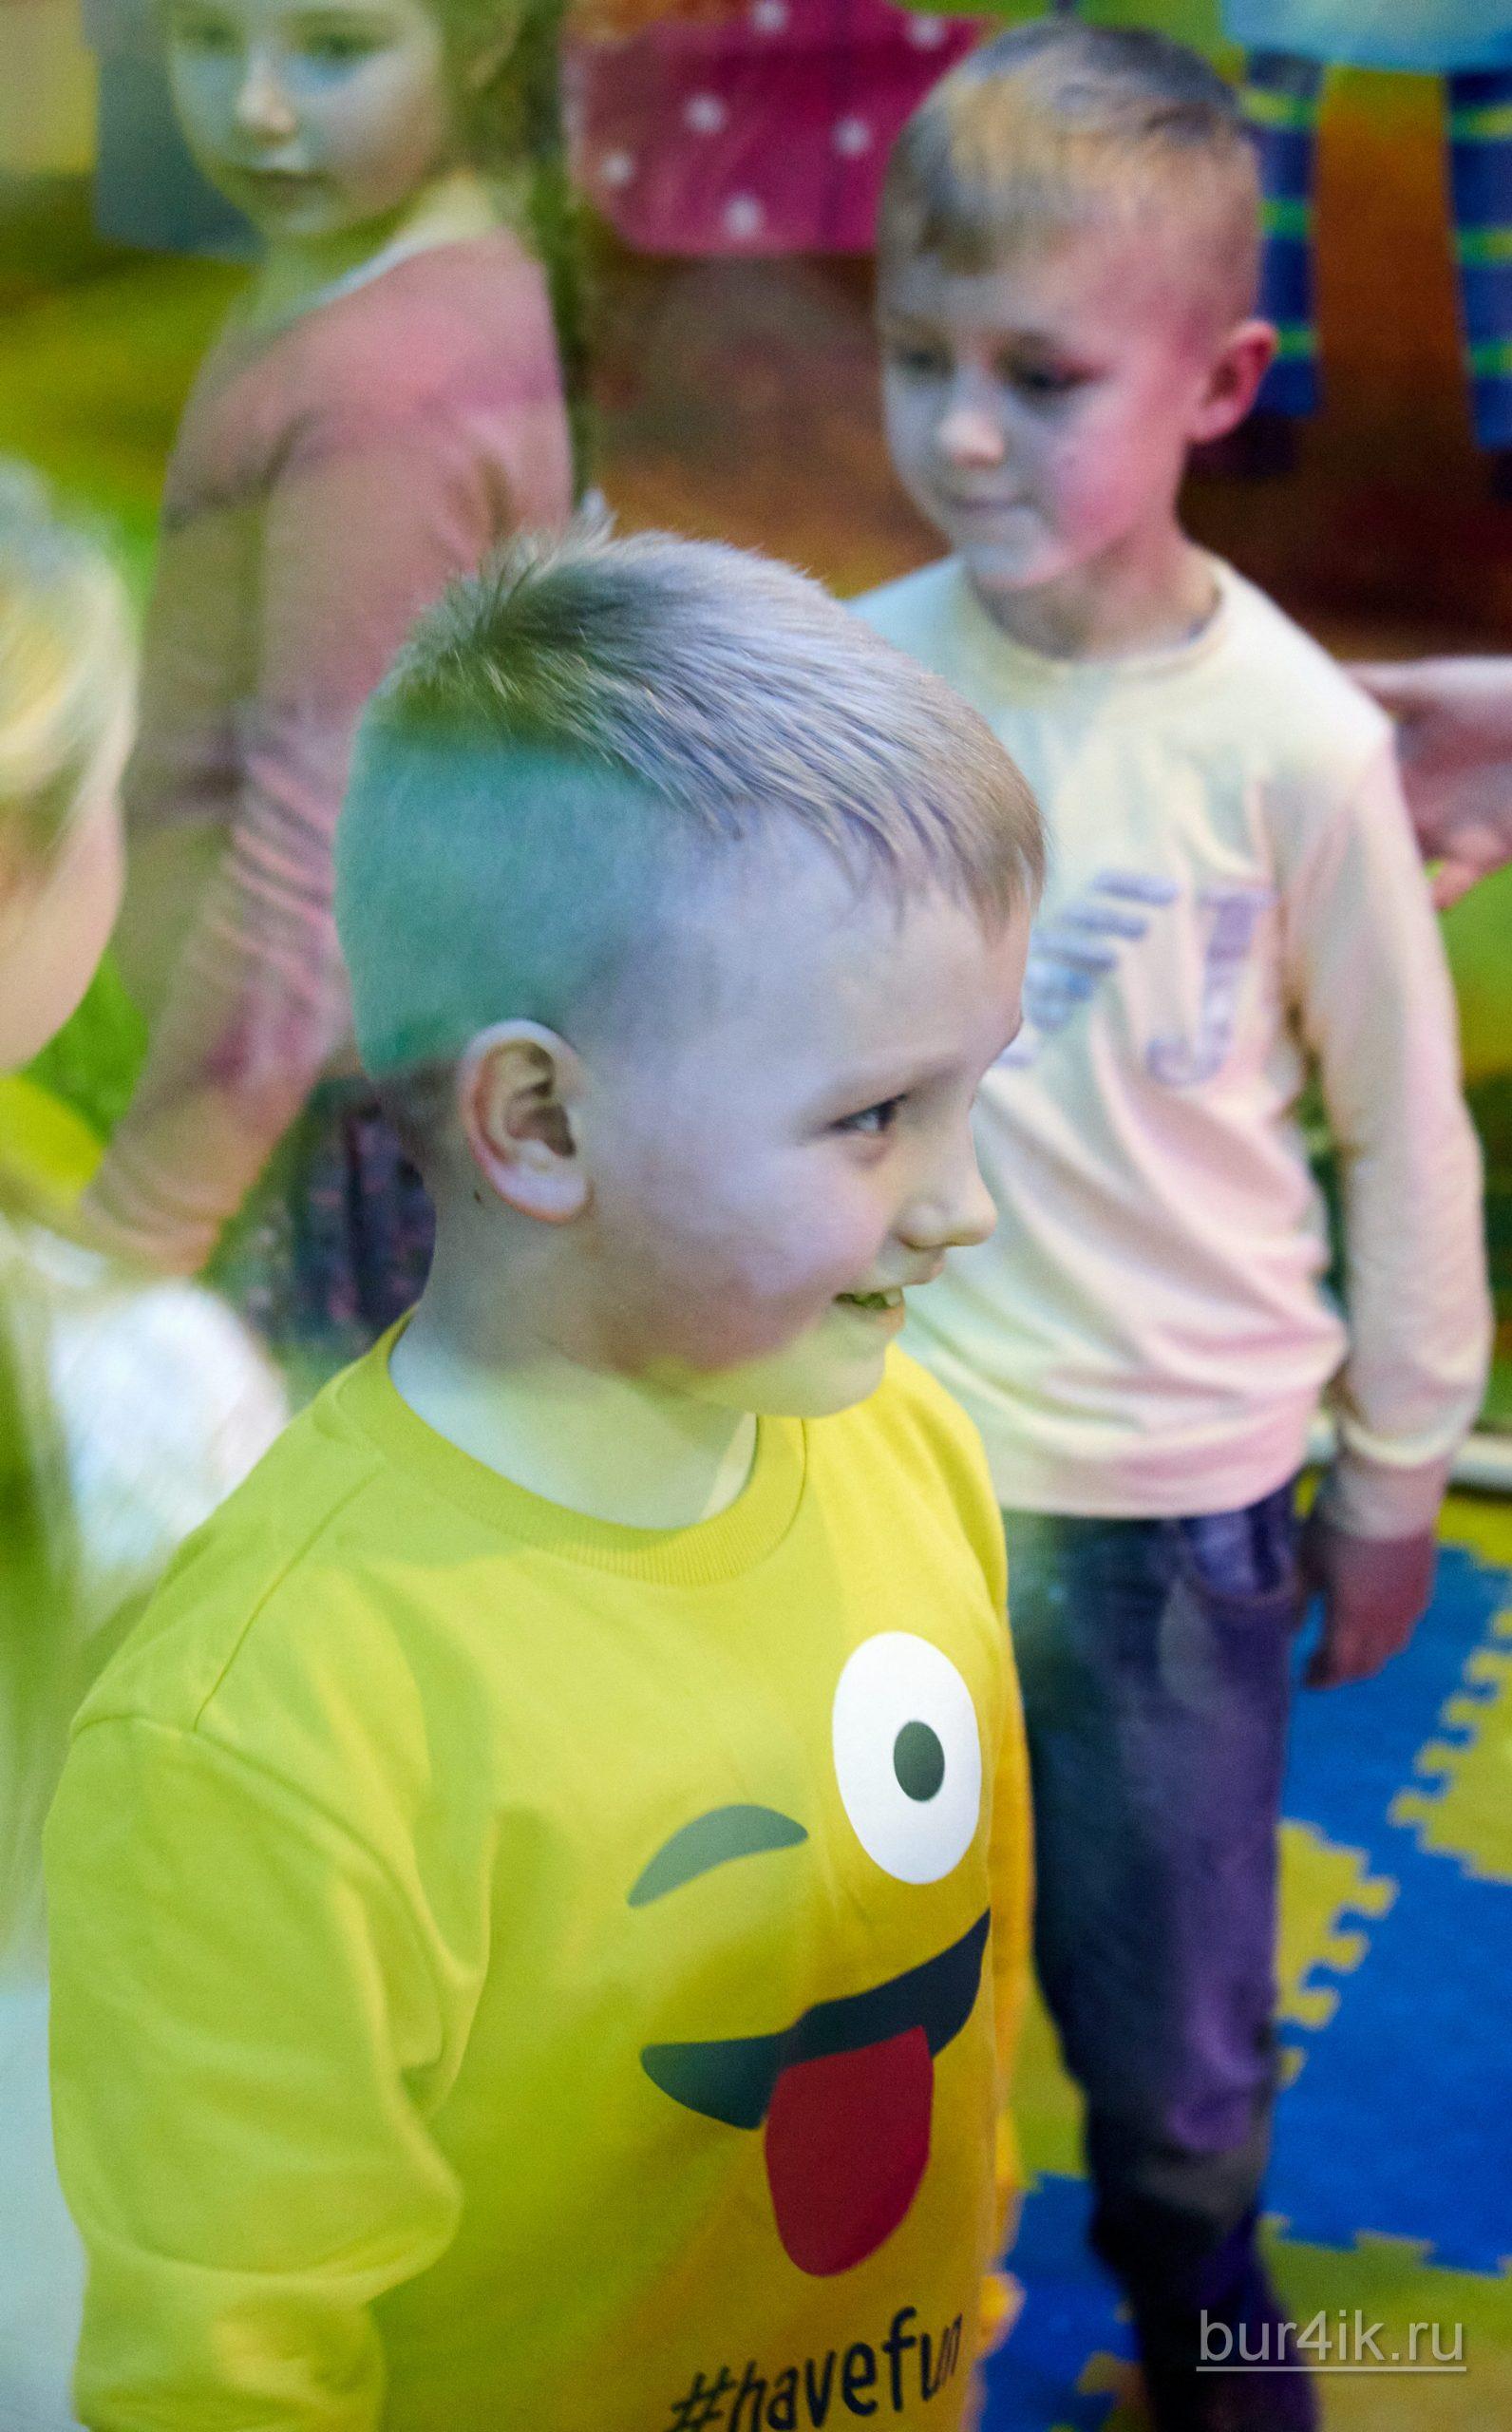 Фото Детское День Рождения в Детский Дворик 15.01.2020 №204 -photo- bur4ik.ru